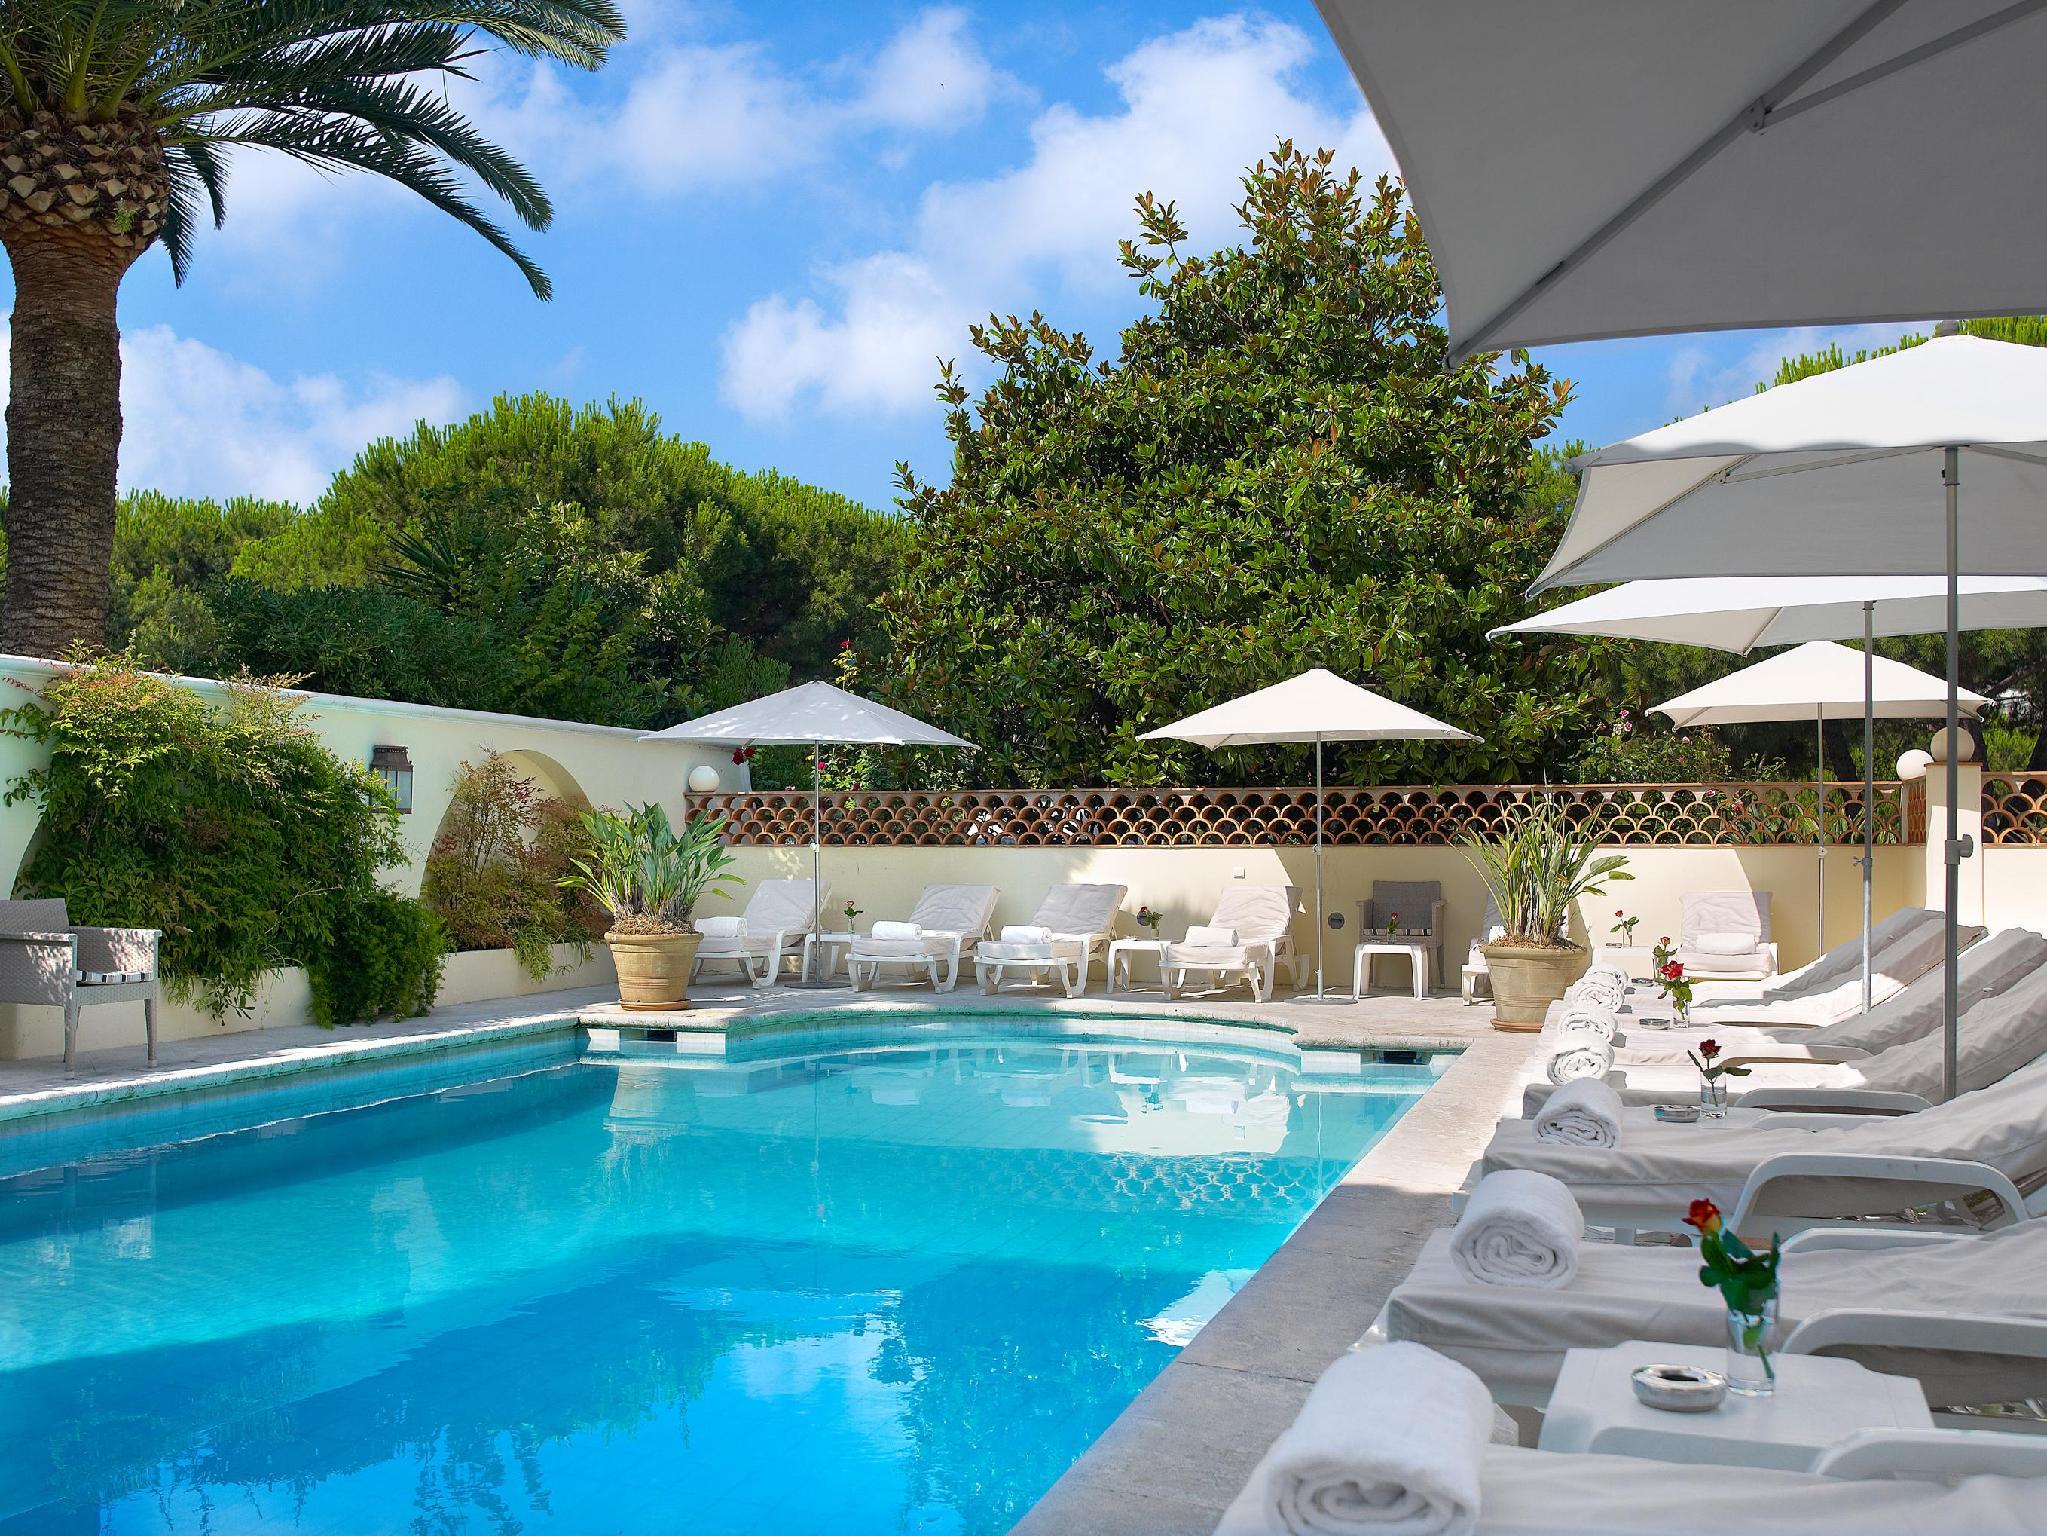 Juan-les-pins Hotels - France